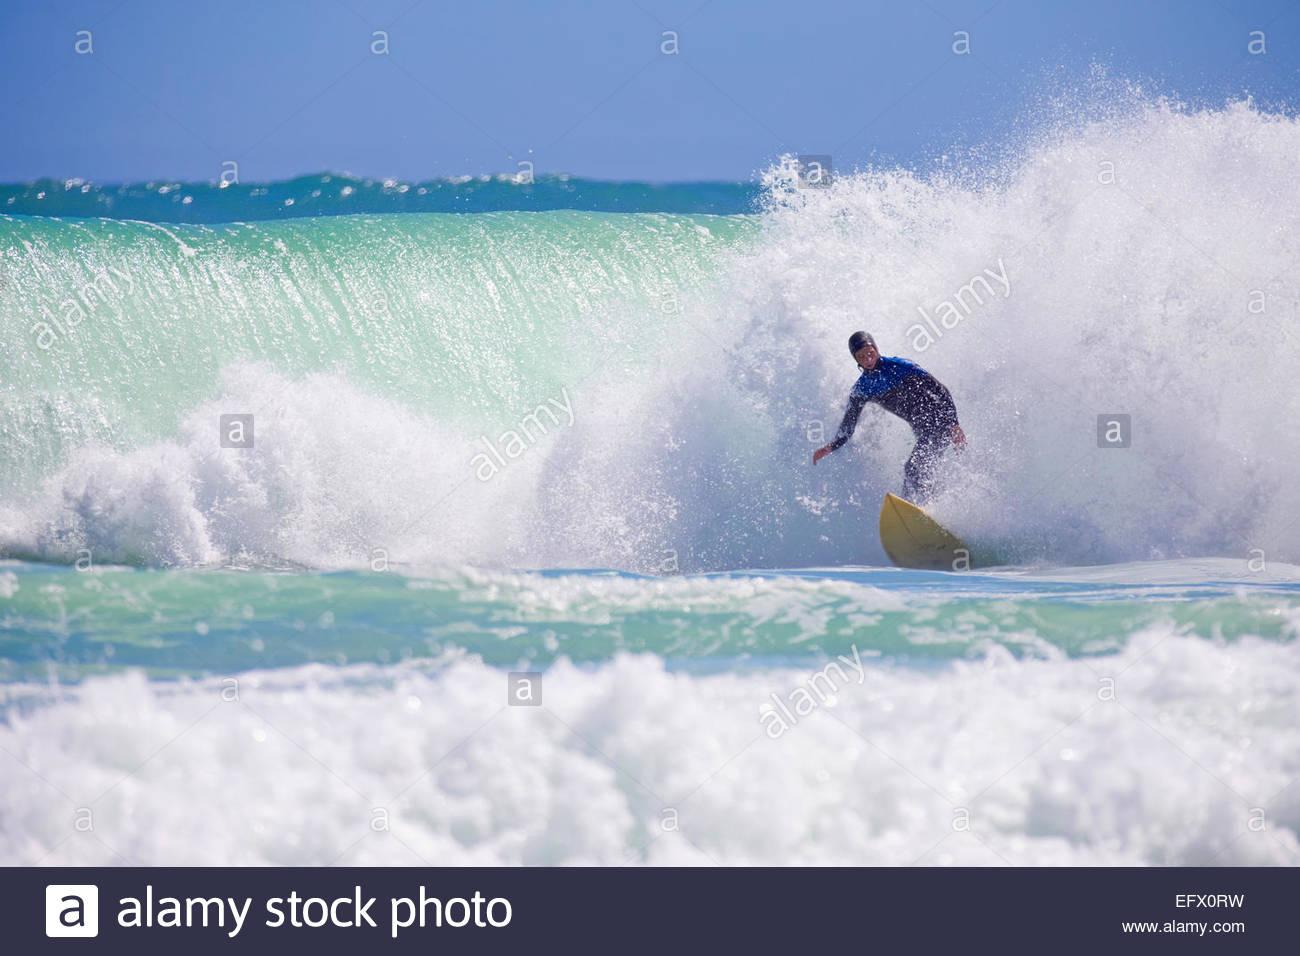 Surfer equitazione onda di grandi dimensioni Immagini Stock